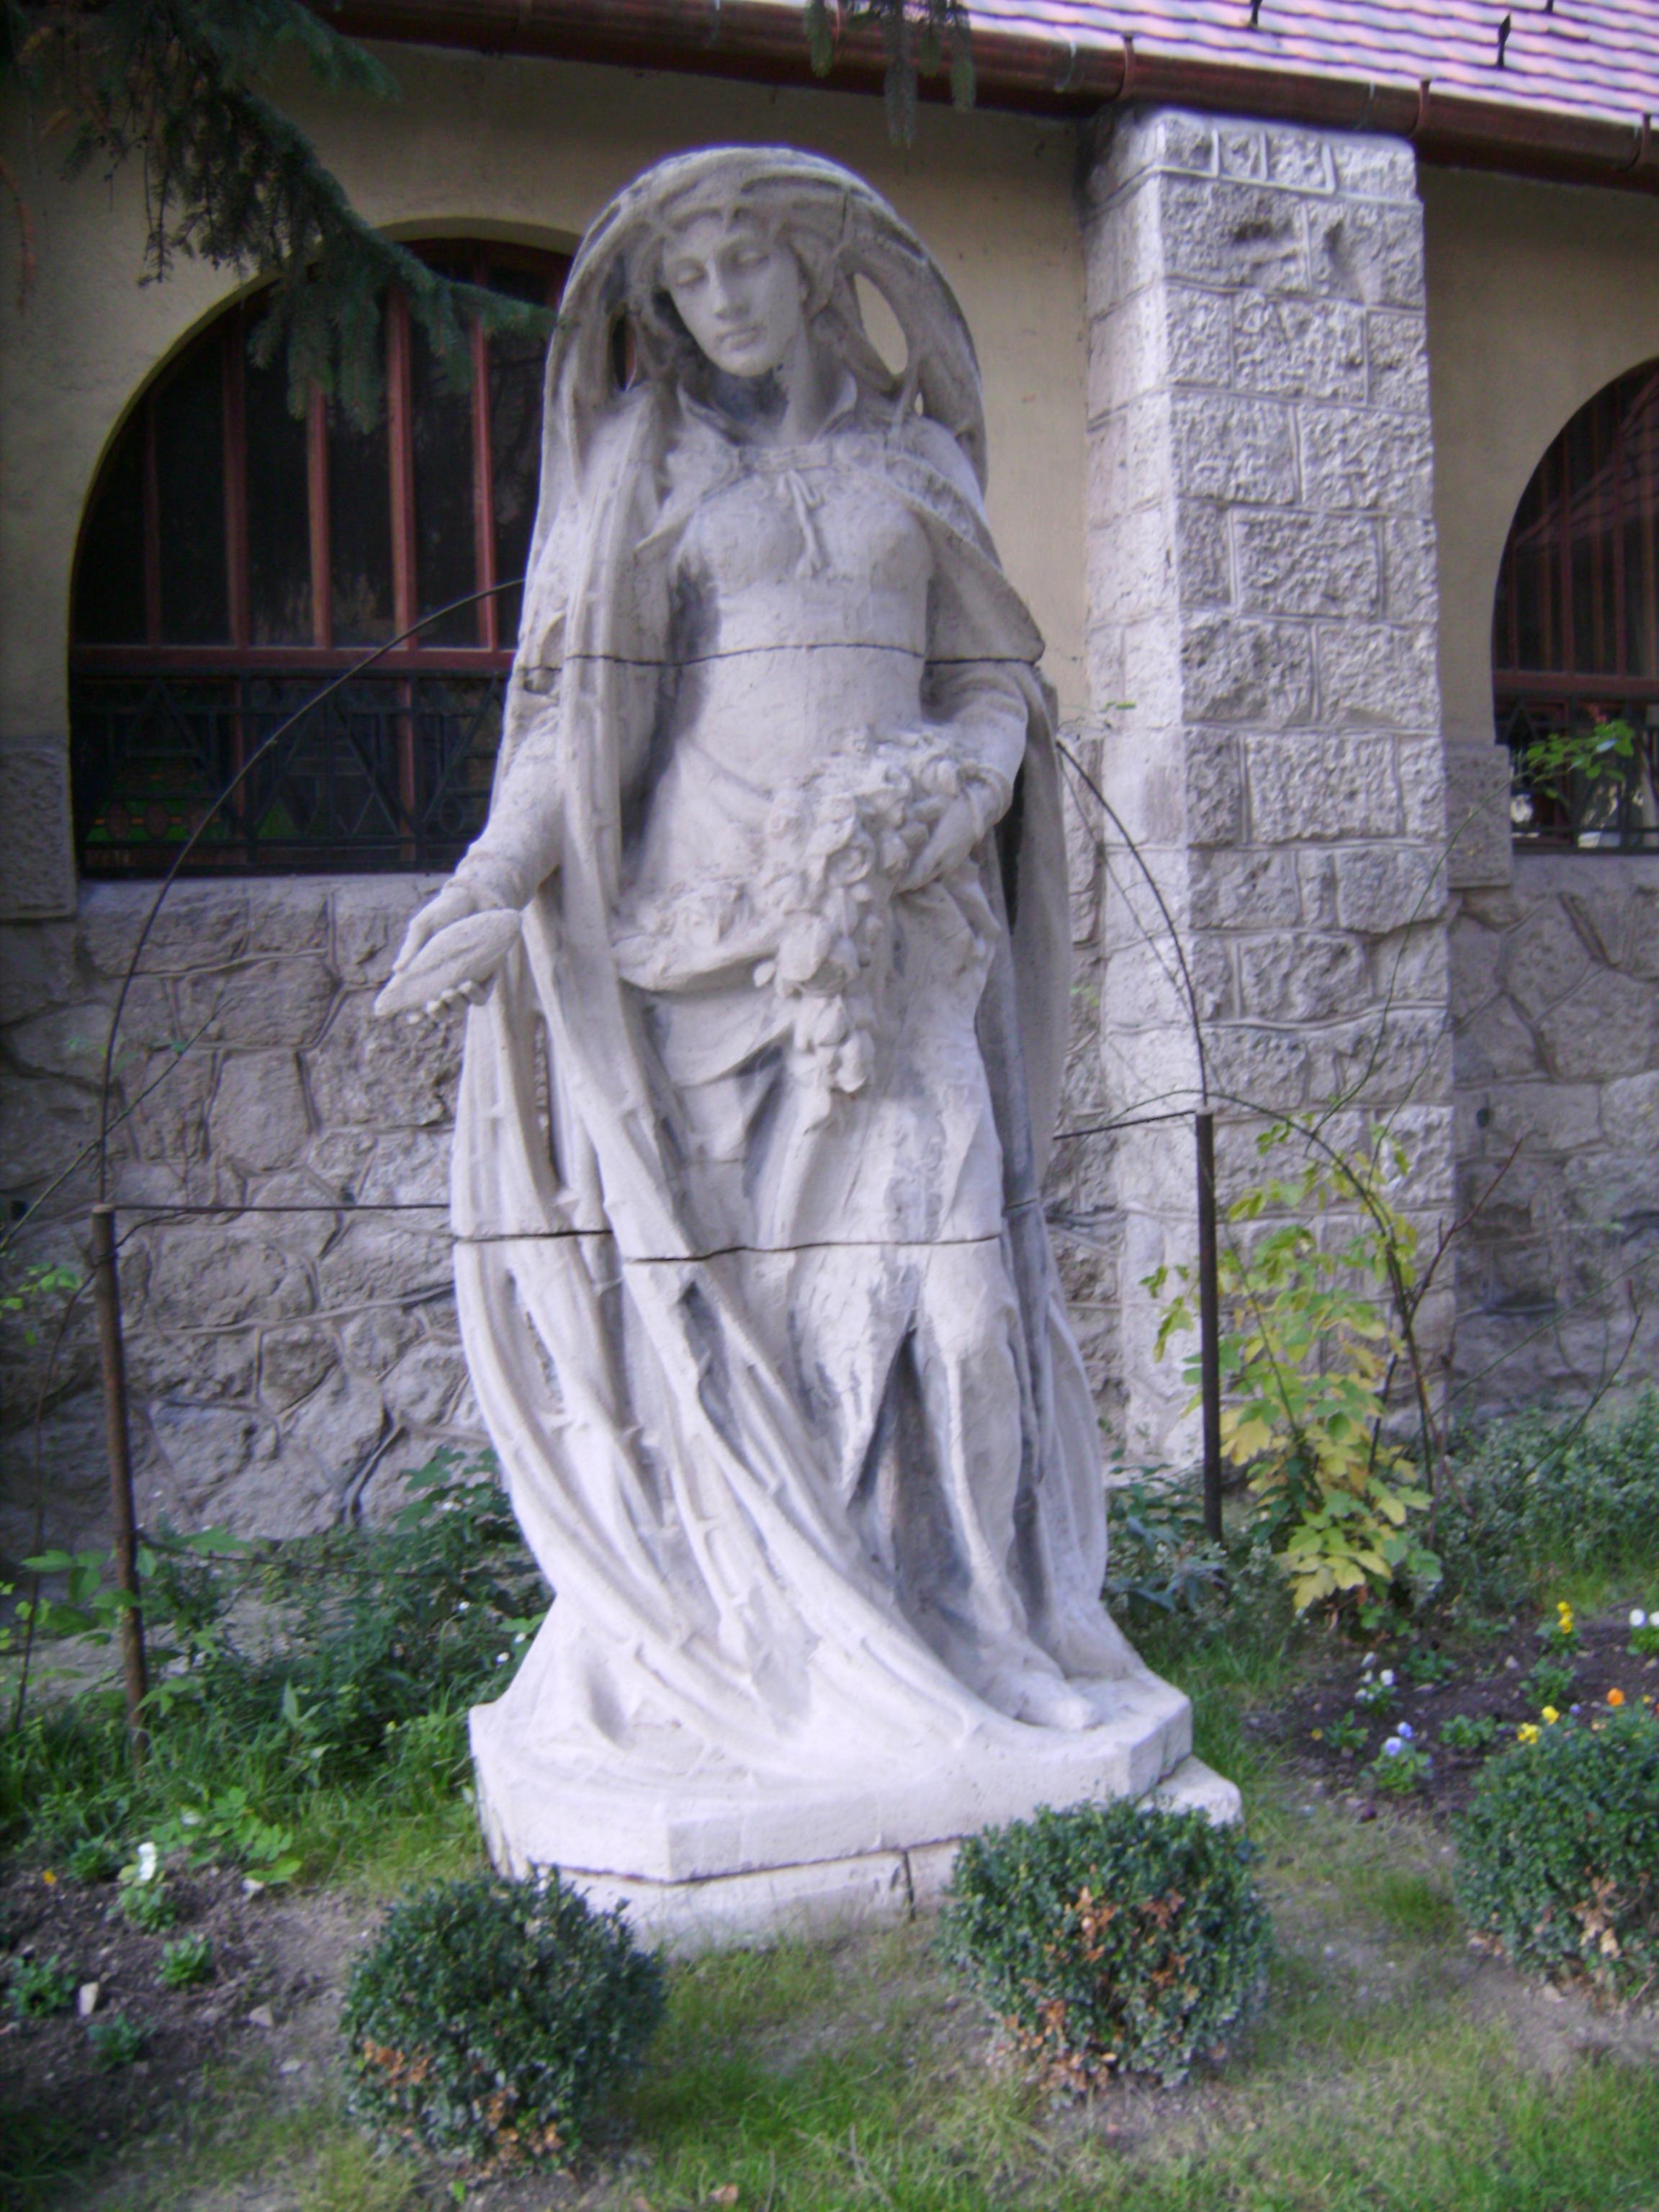 A templom melletti Árpád-házi Szent Erzsébet szobor, Maróti Géza alkotása, csak később került ide, eredetileg a művész kertjében állt. Mégis tökéletesen illeszkedik a templom stílusához.